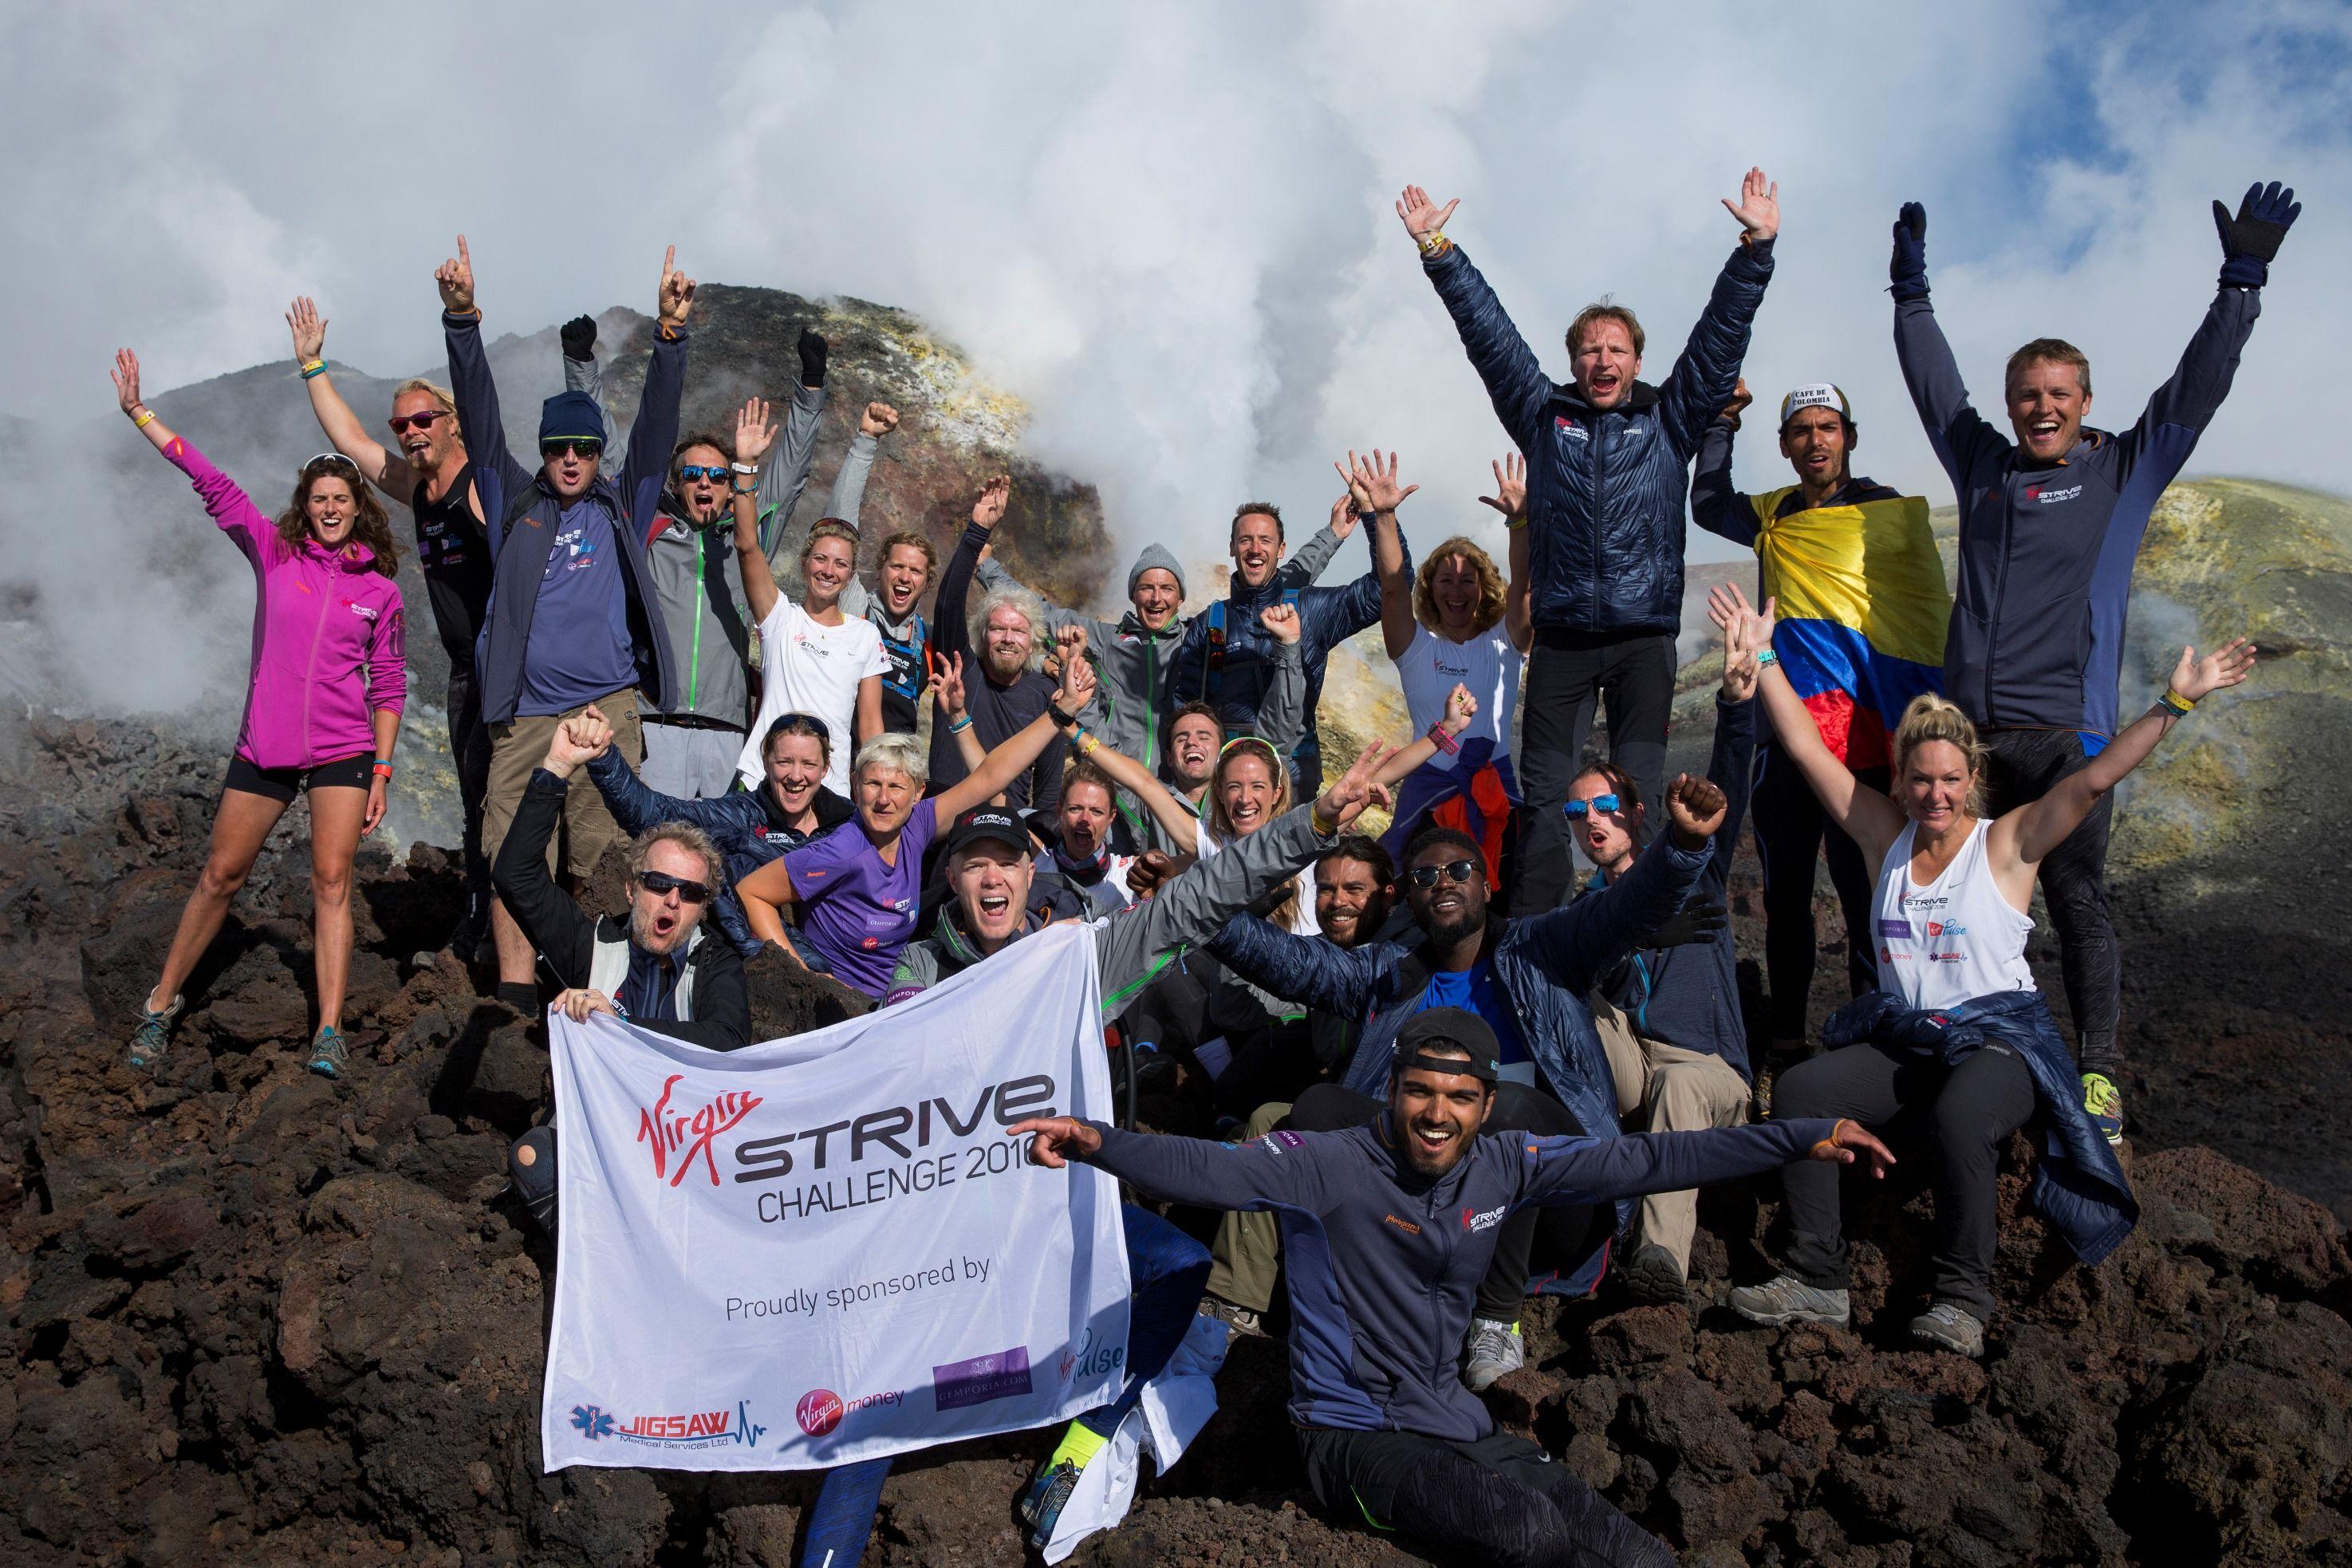 Richard Branson virgin strive challenge hike mt etna